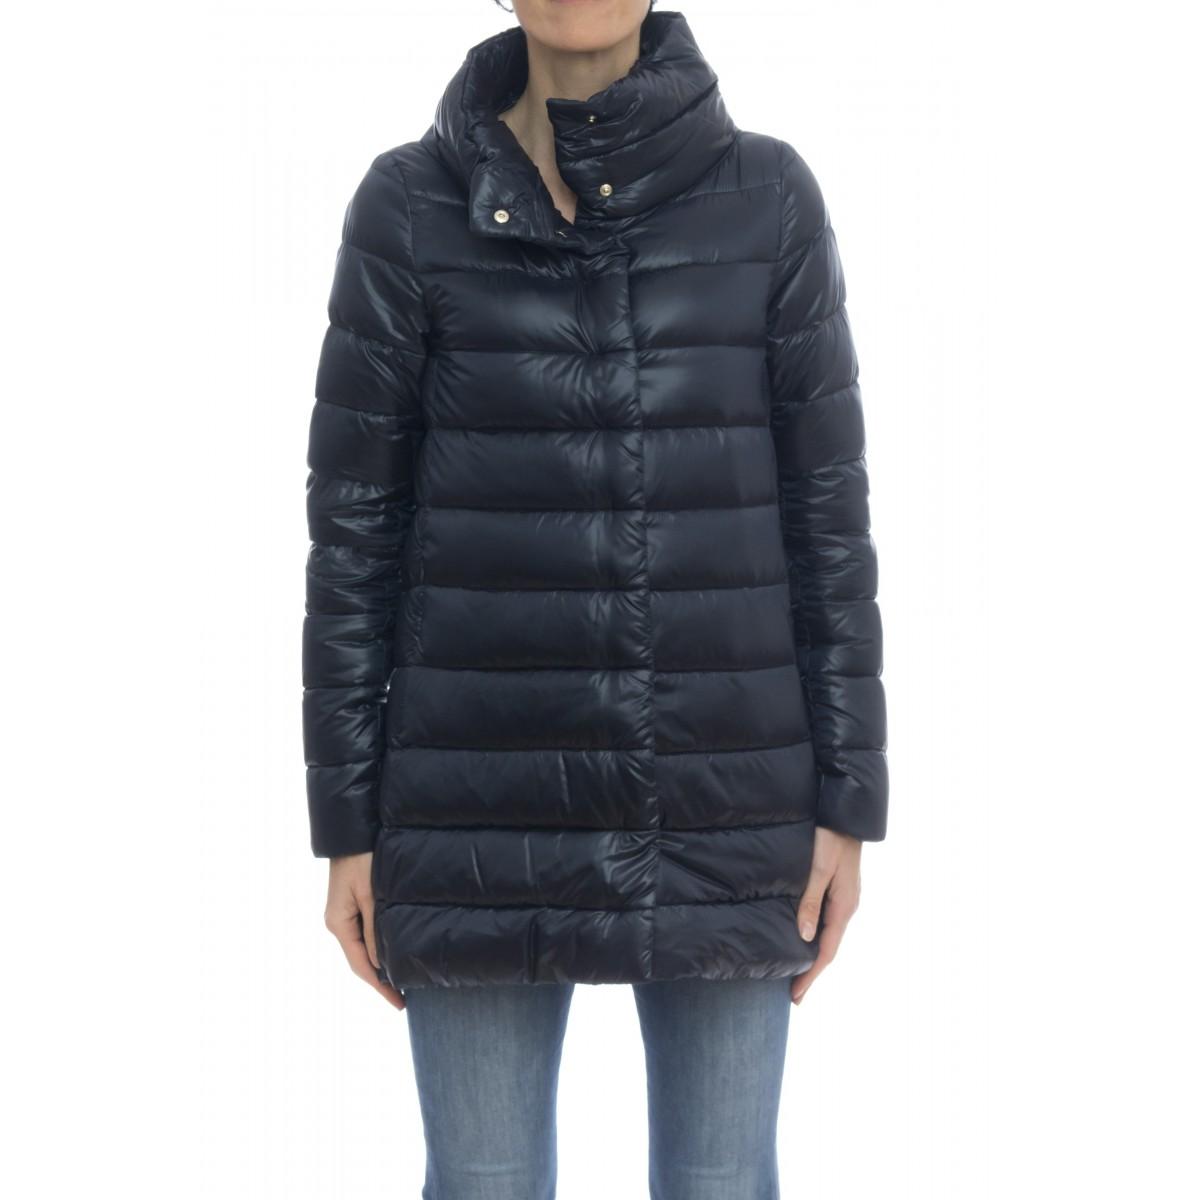 buy online 0feb2 30412 Piumini Herno Autunno Inverno 2019 | Bertamini Shop